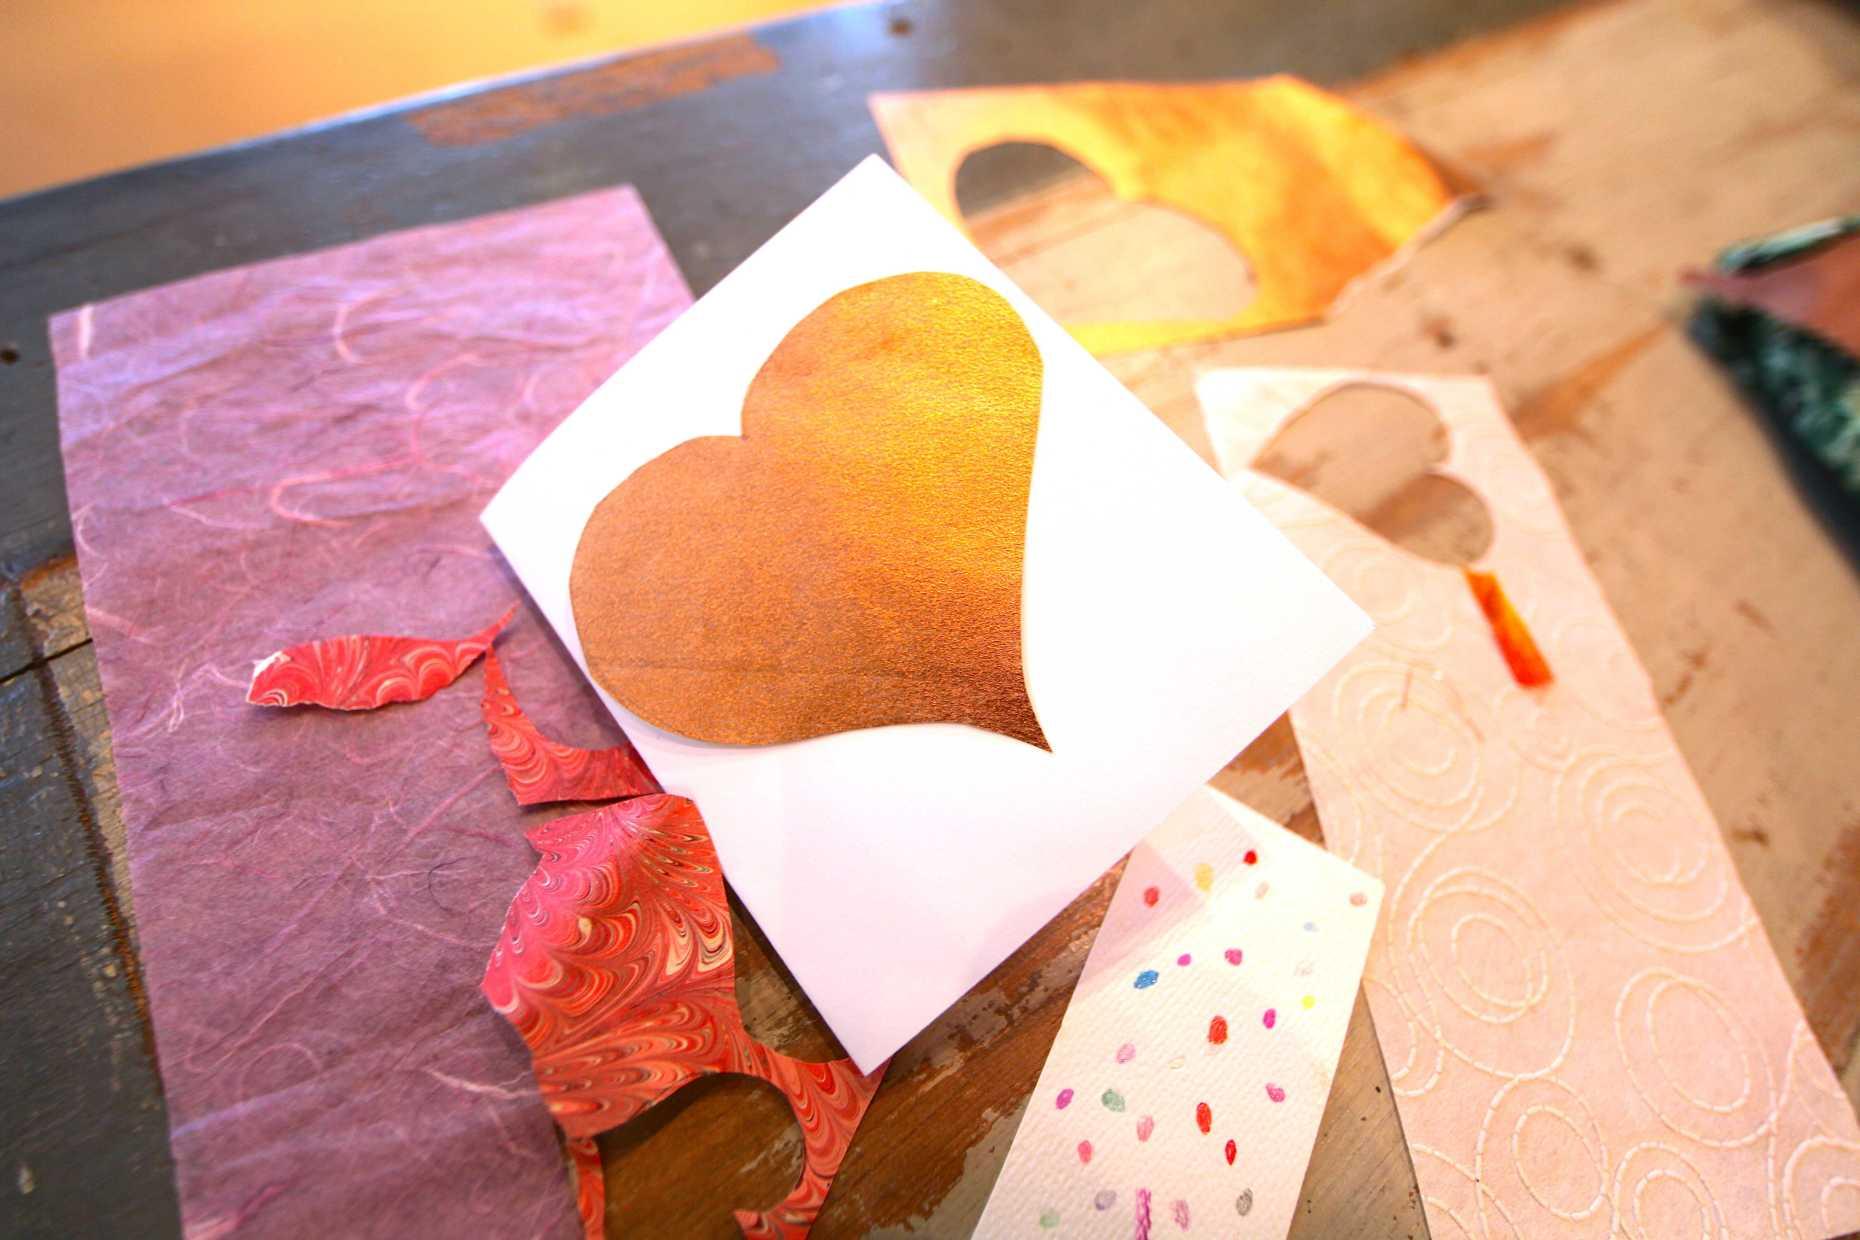 Handmade Paper Valentines, An Original Folk Art. Photo © Liesl Clark